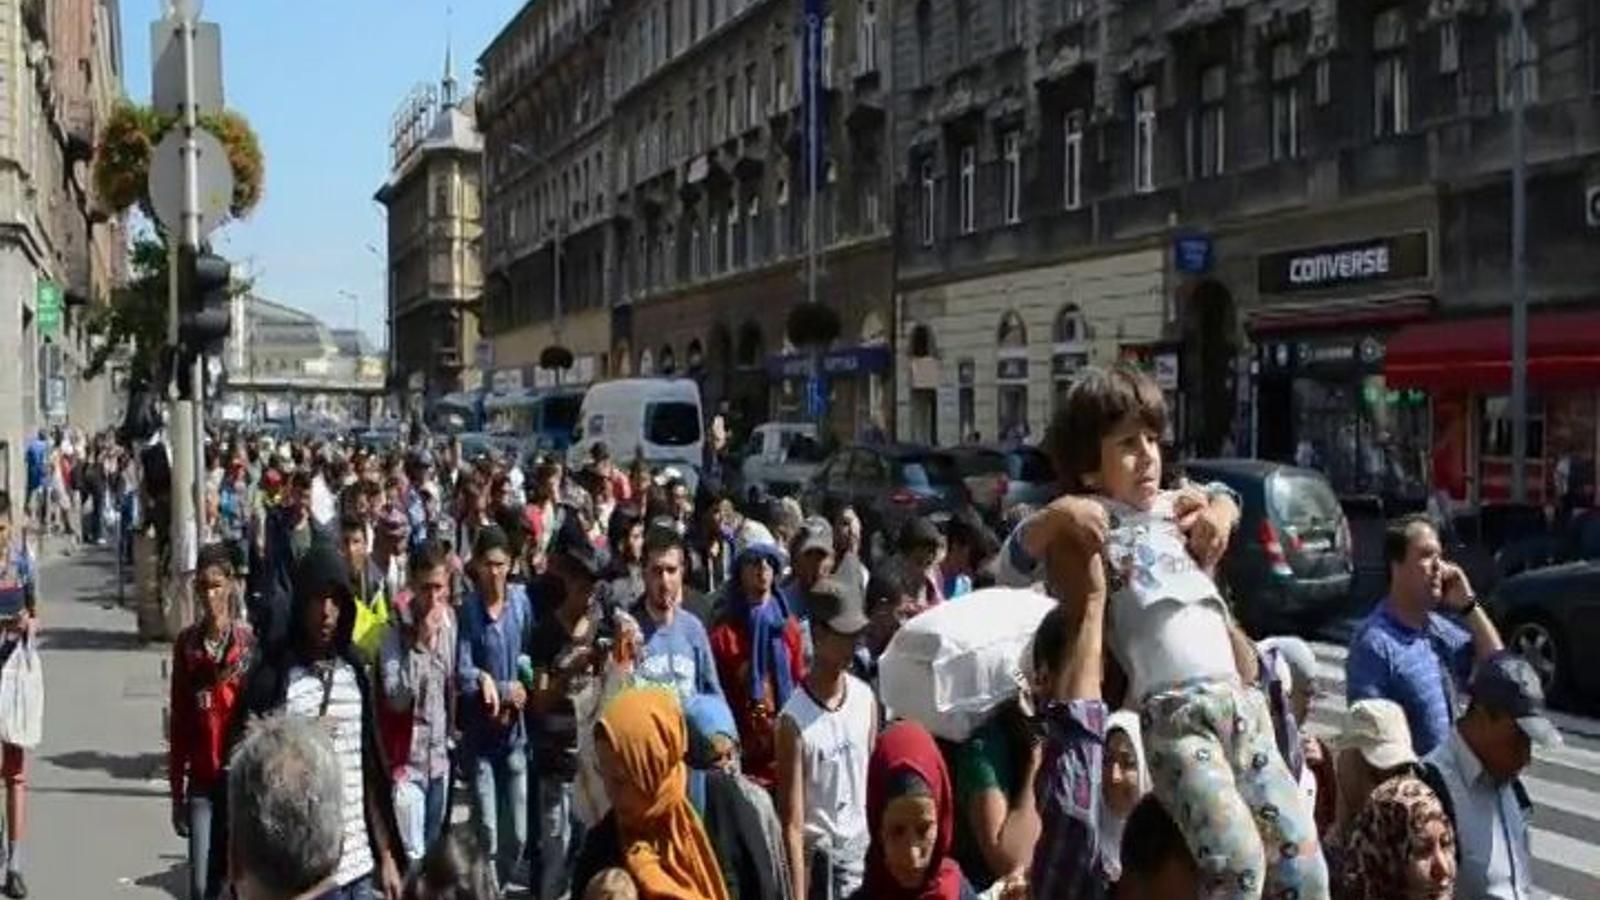 Refugiats travessant Budapest a peu per anar cap a Àustria